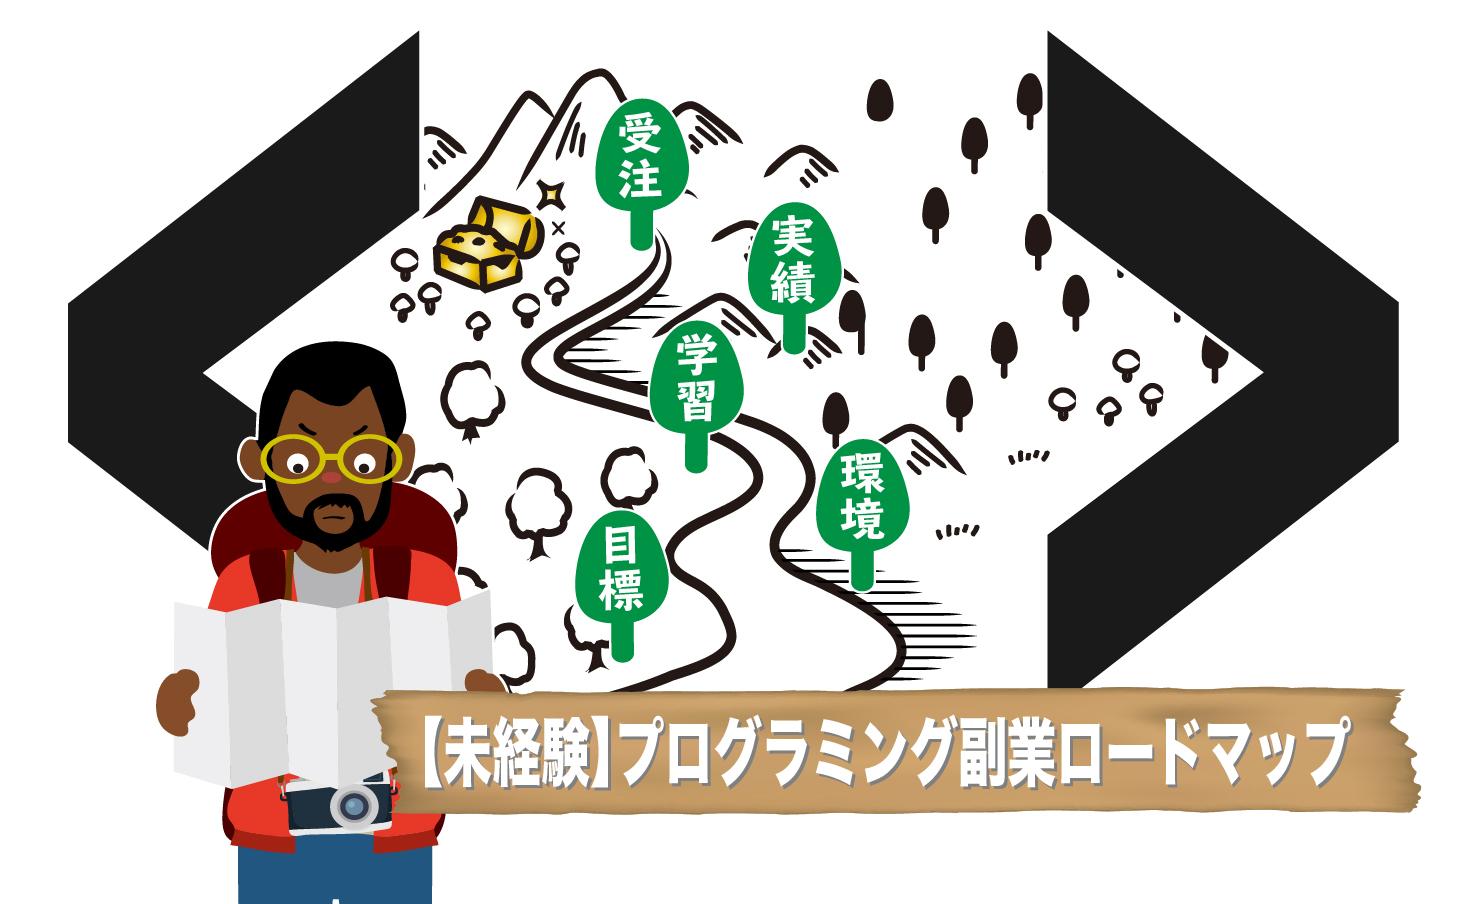 【未経験】プログラミング副業で稼ぐ最短ロードマップ【猛進5ステップ】